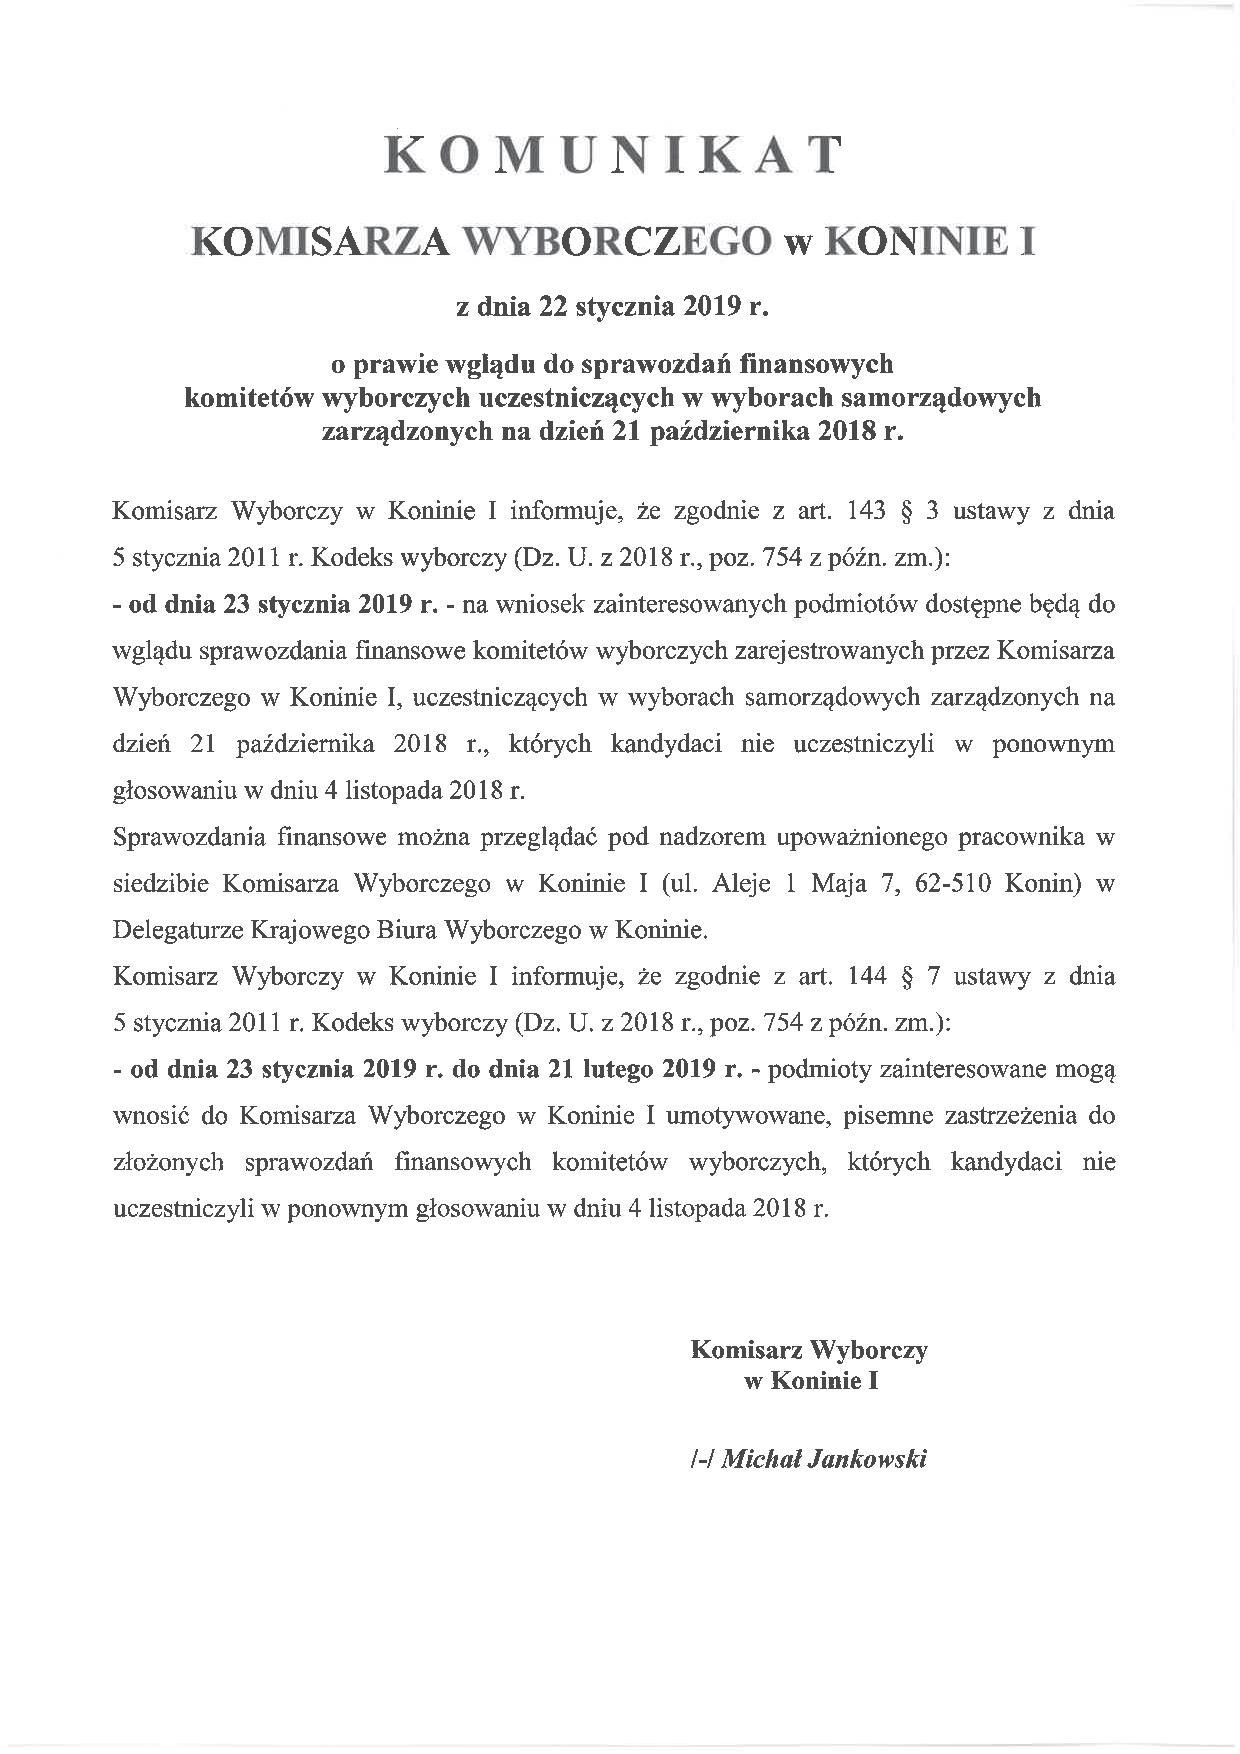 Komunikat komisarza wyborczego dotyczący możliwosci wgladu w sprawozdania finansowe komintetów wyborczych w wyborach samorządowych więcej informacji w delegaturze Krajowego Biura Wyborczego w Koninie.